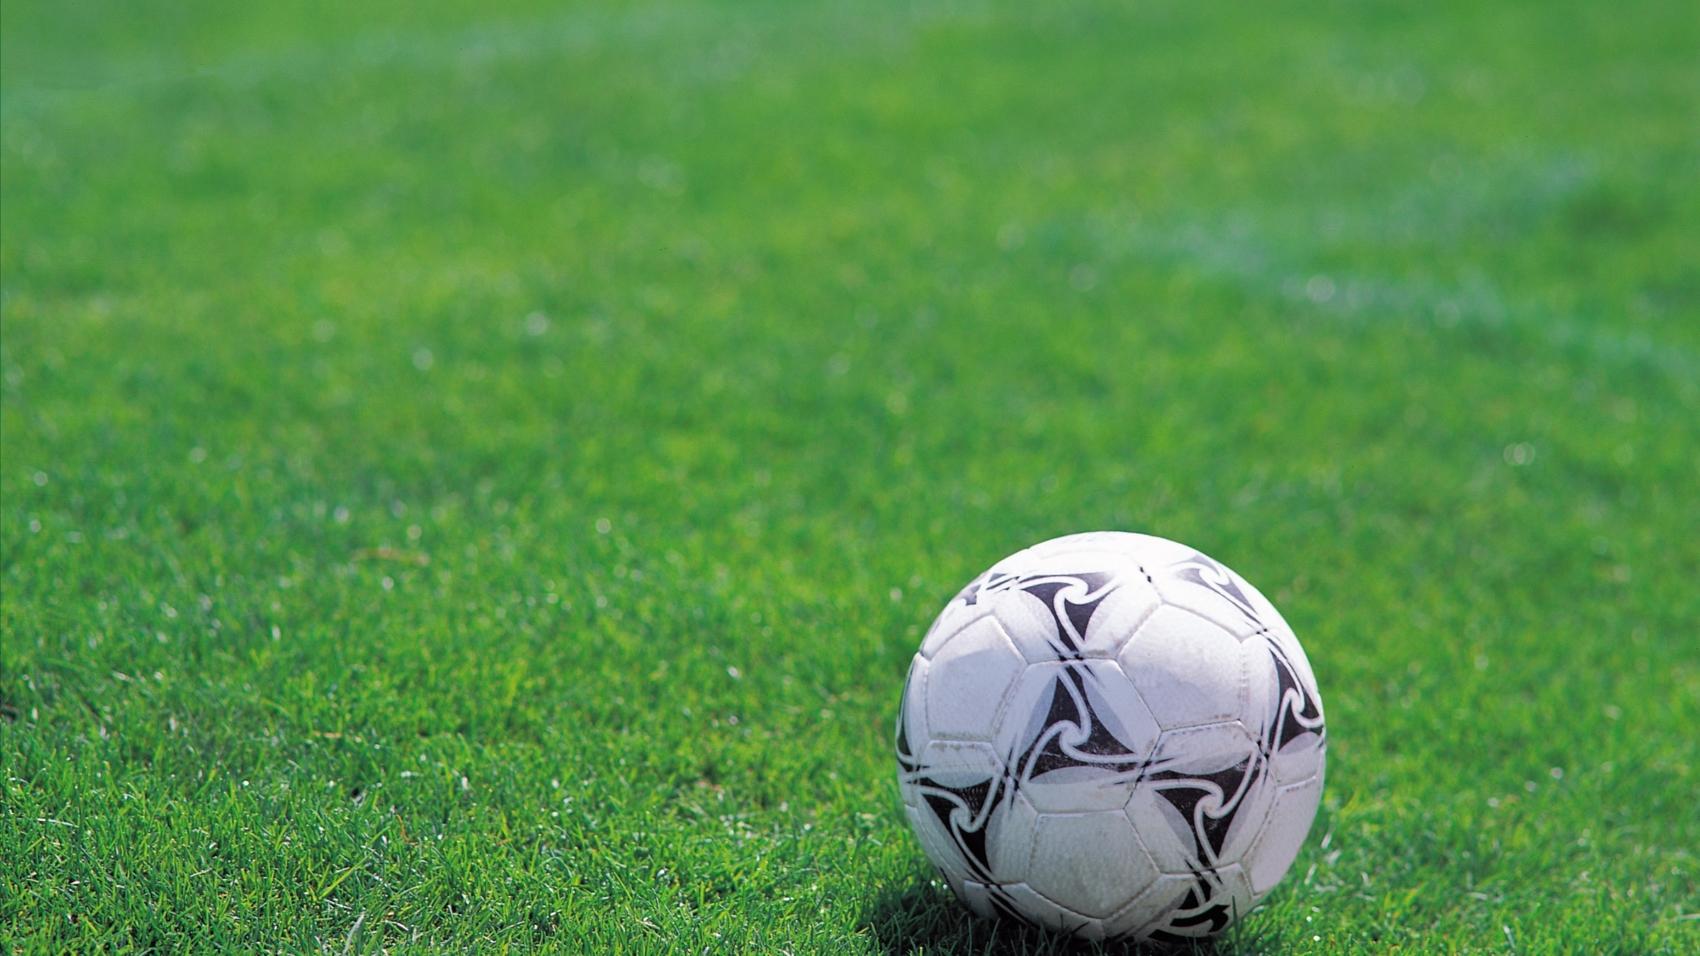 межрегиональная общественная организация союз федерации футбола юфо